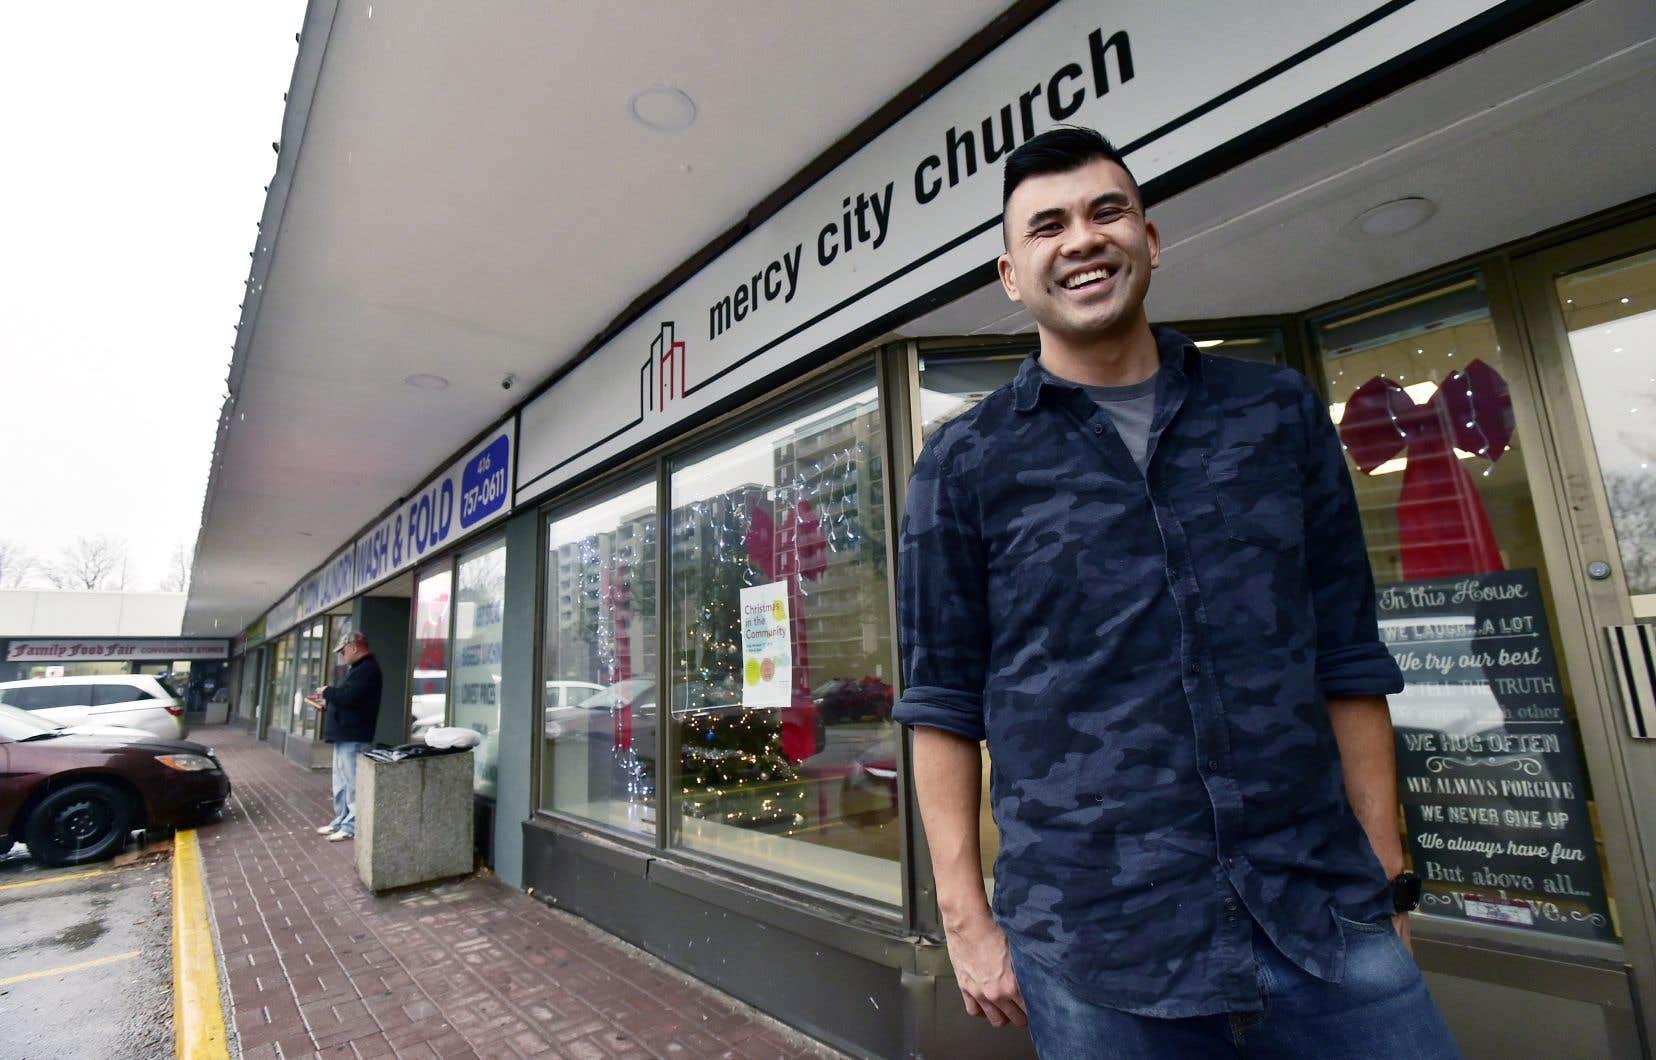 Le pasteur Chris Yu pose devant l'église Mercy City, à Toronto, nichée entre une buanderie et une ancienne pharmacie.